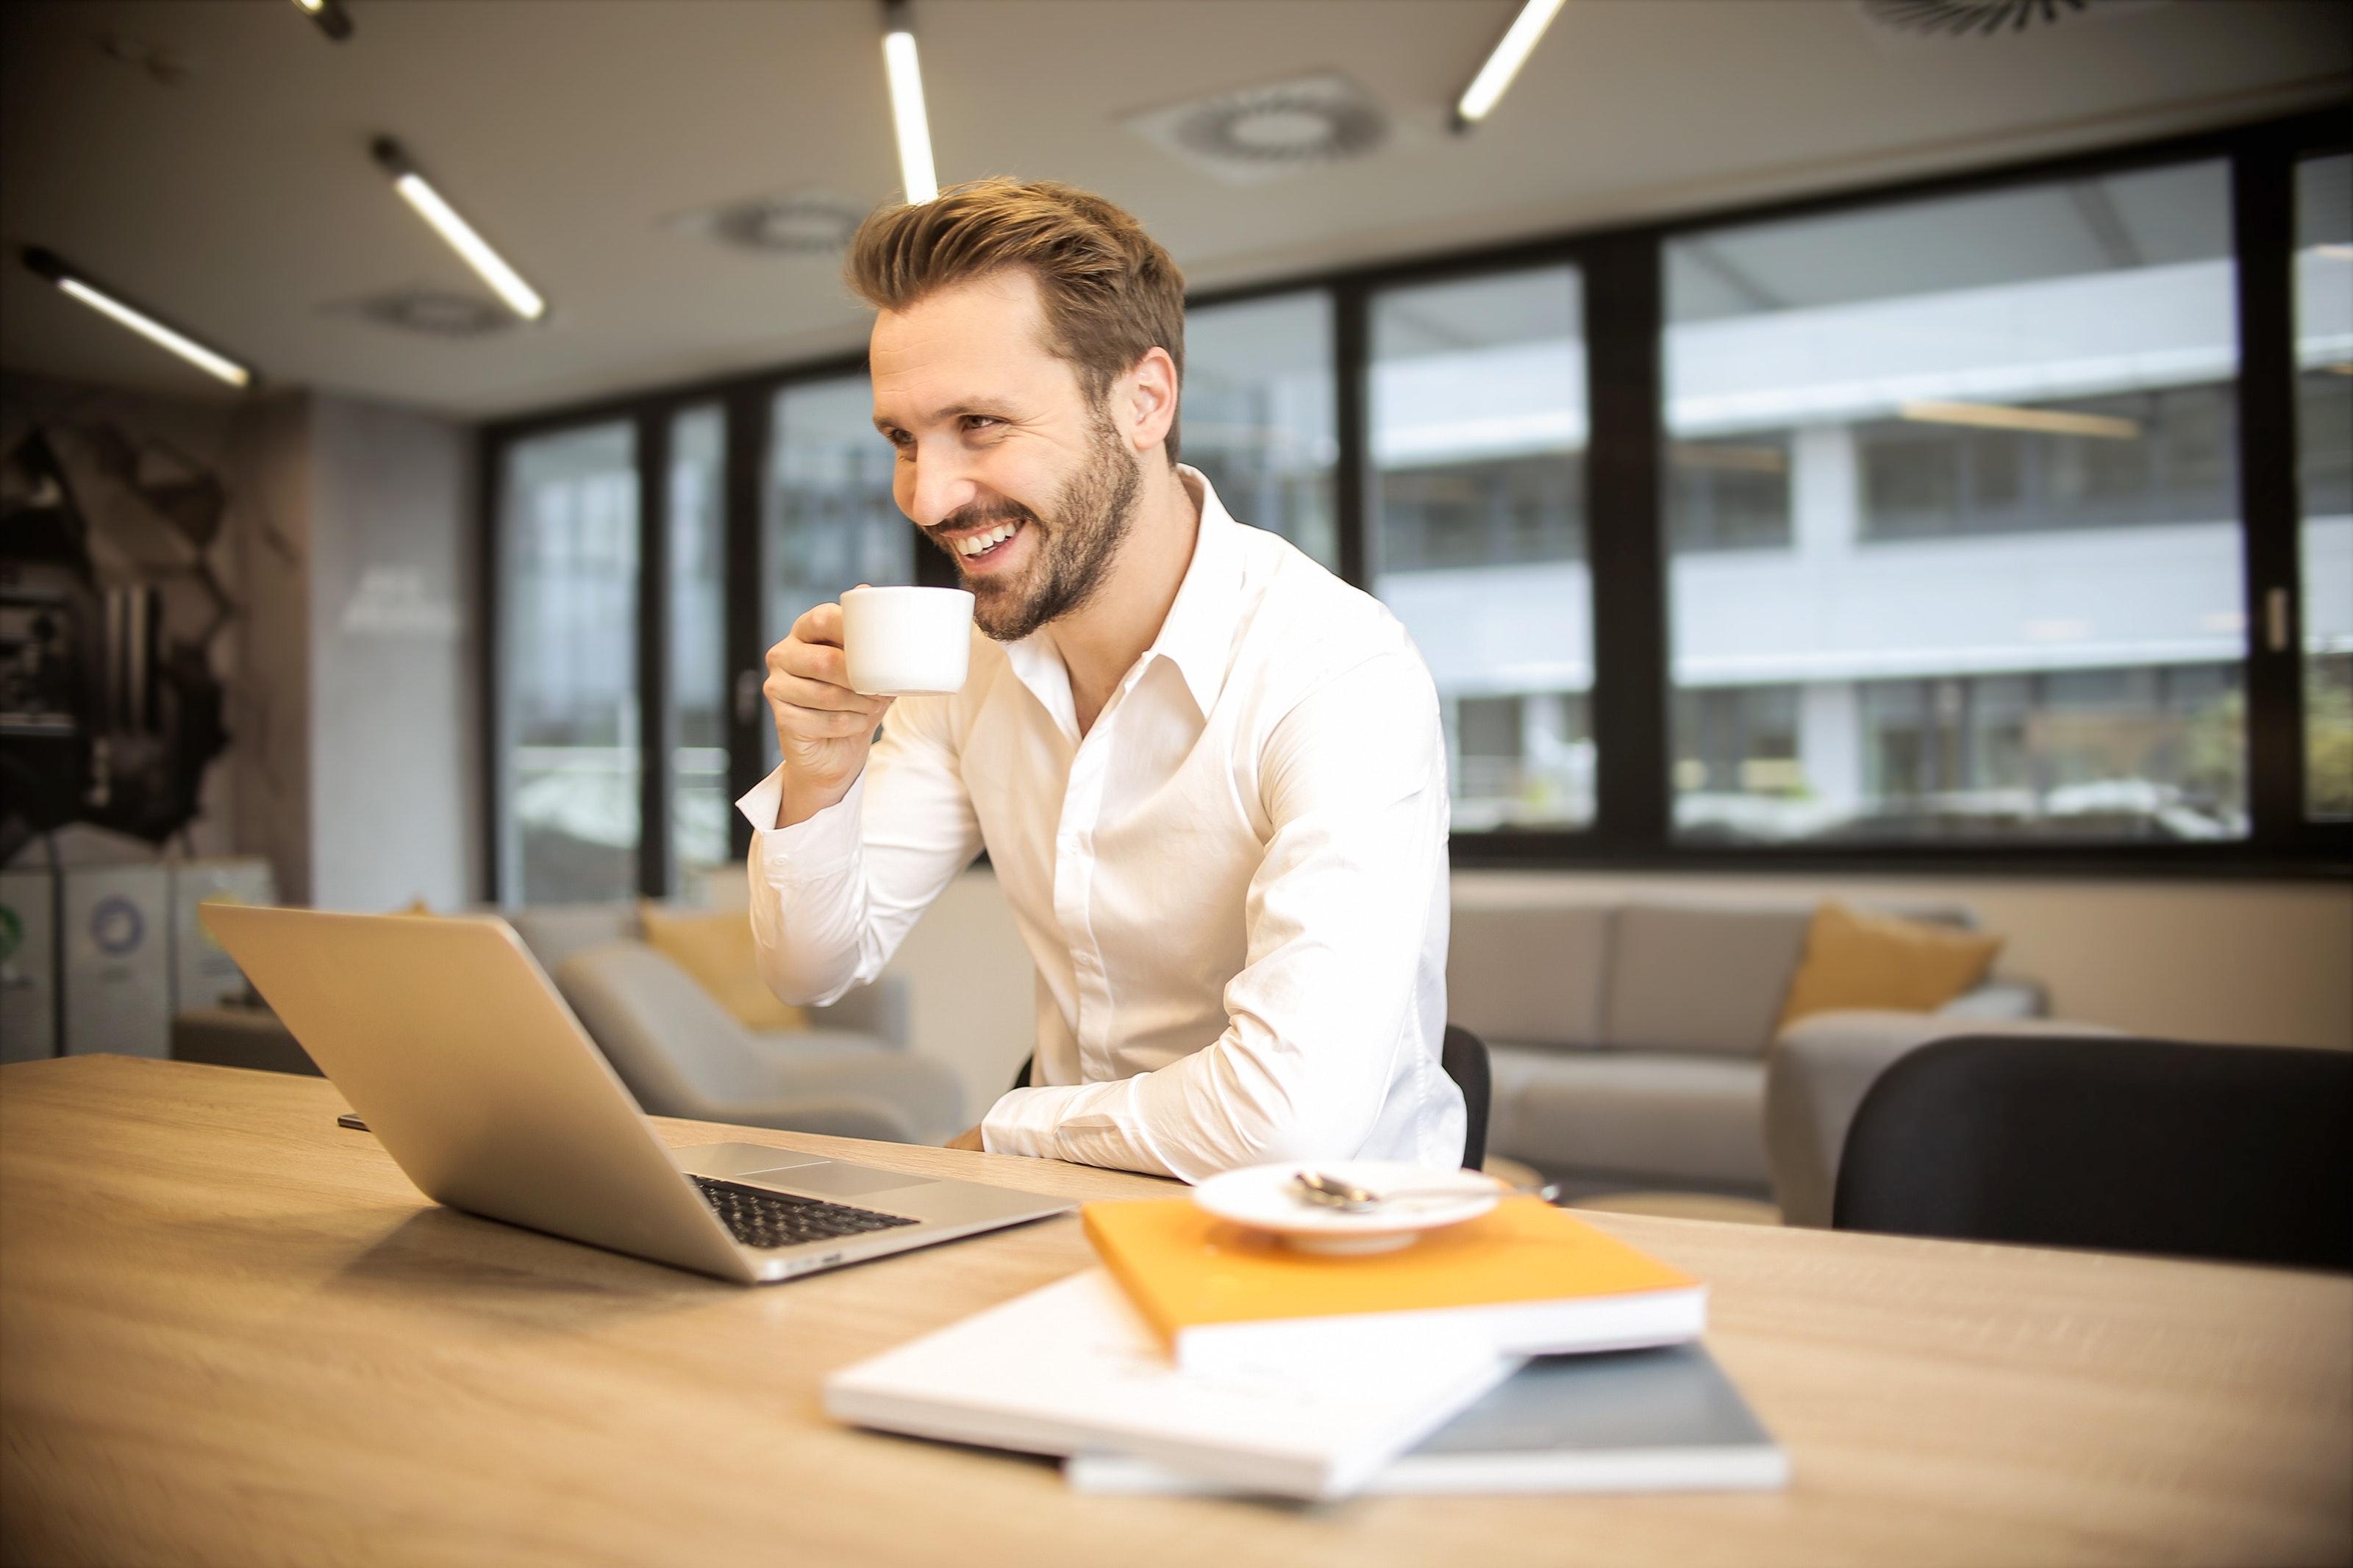 Homem tomando café e sorrindo na frente de um laptop